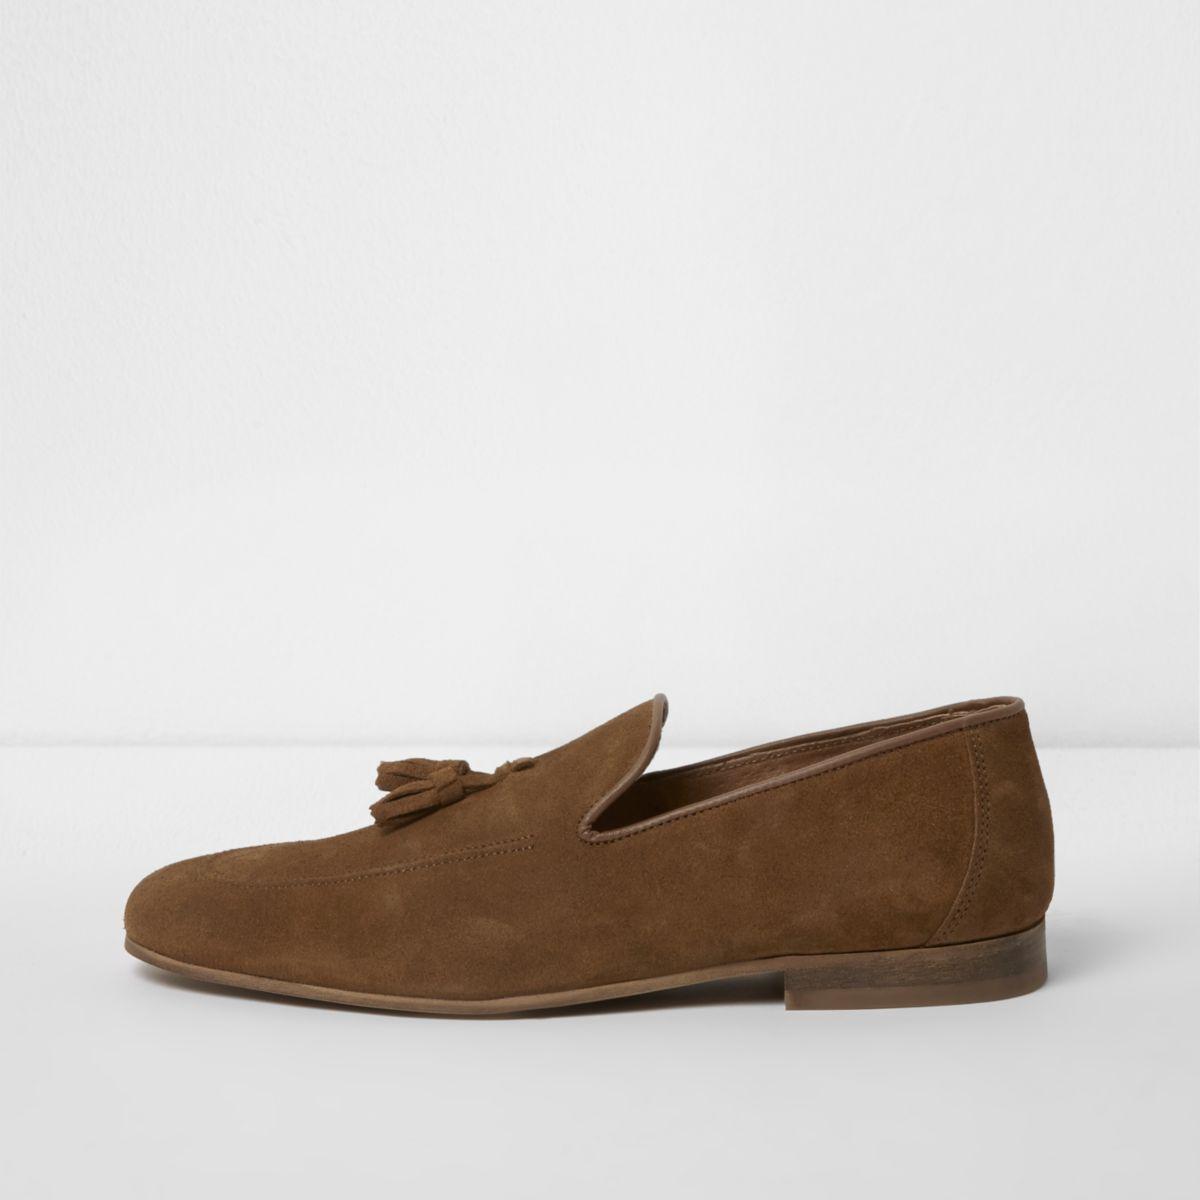 Tan brown suede tassel loafers